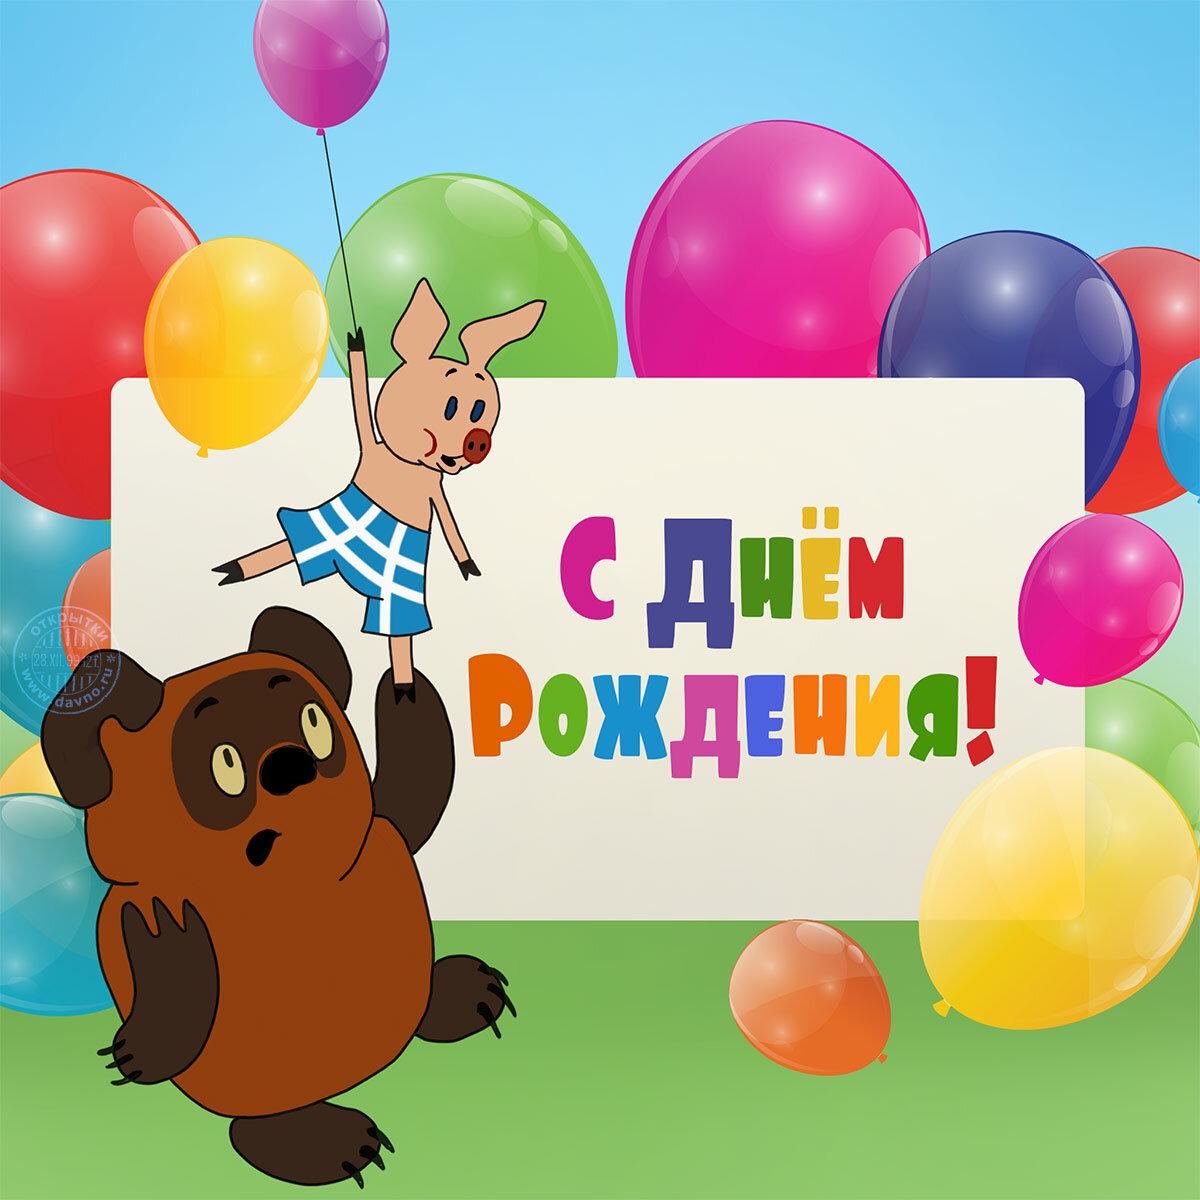 Для, поздравительные картинки на день рождения детям